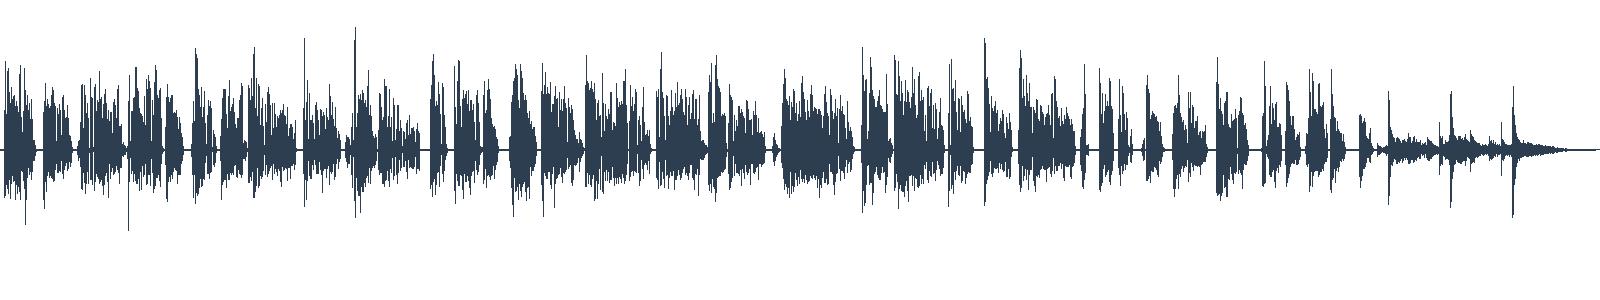 Hastrman - ukázka z audioknihy waveform